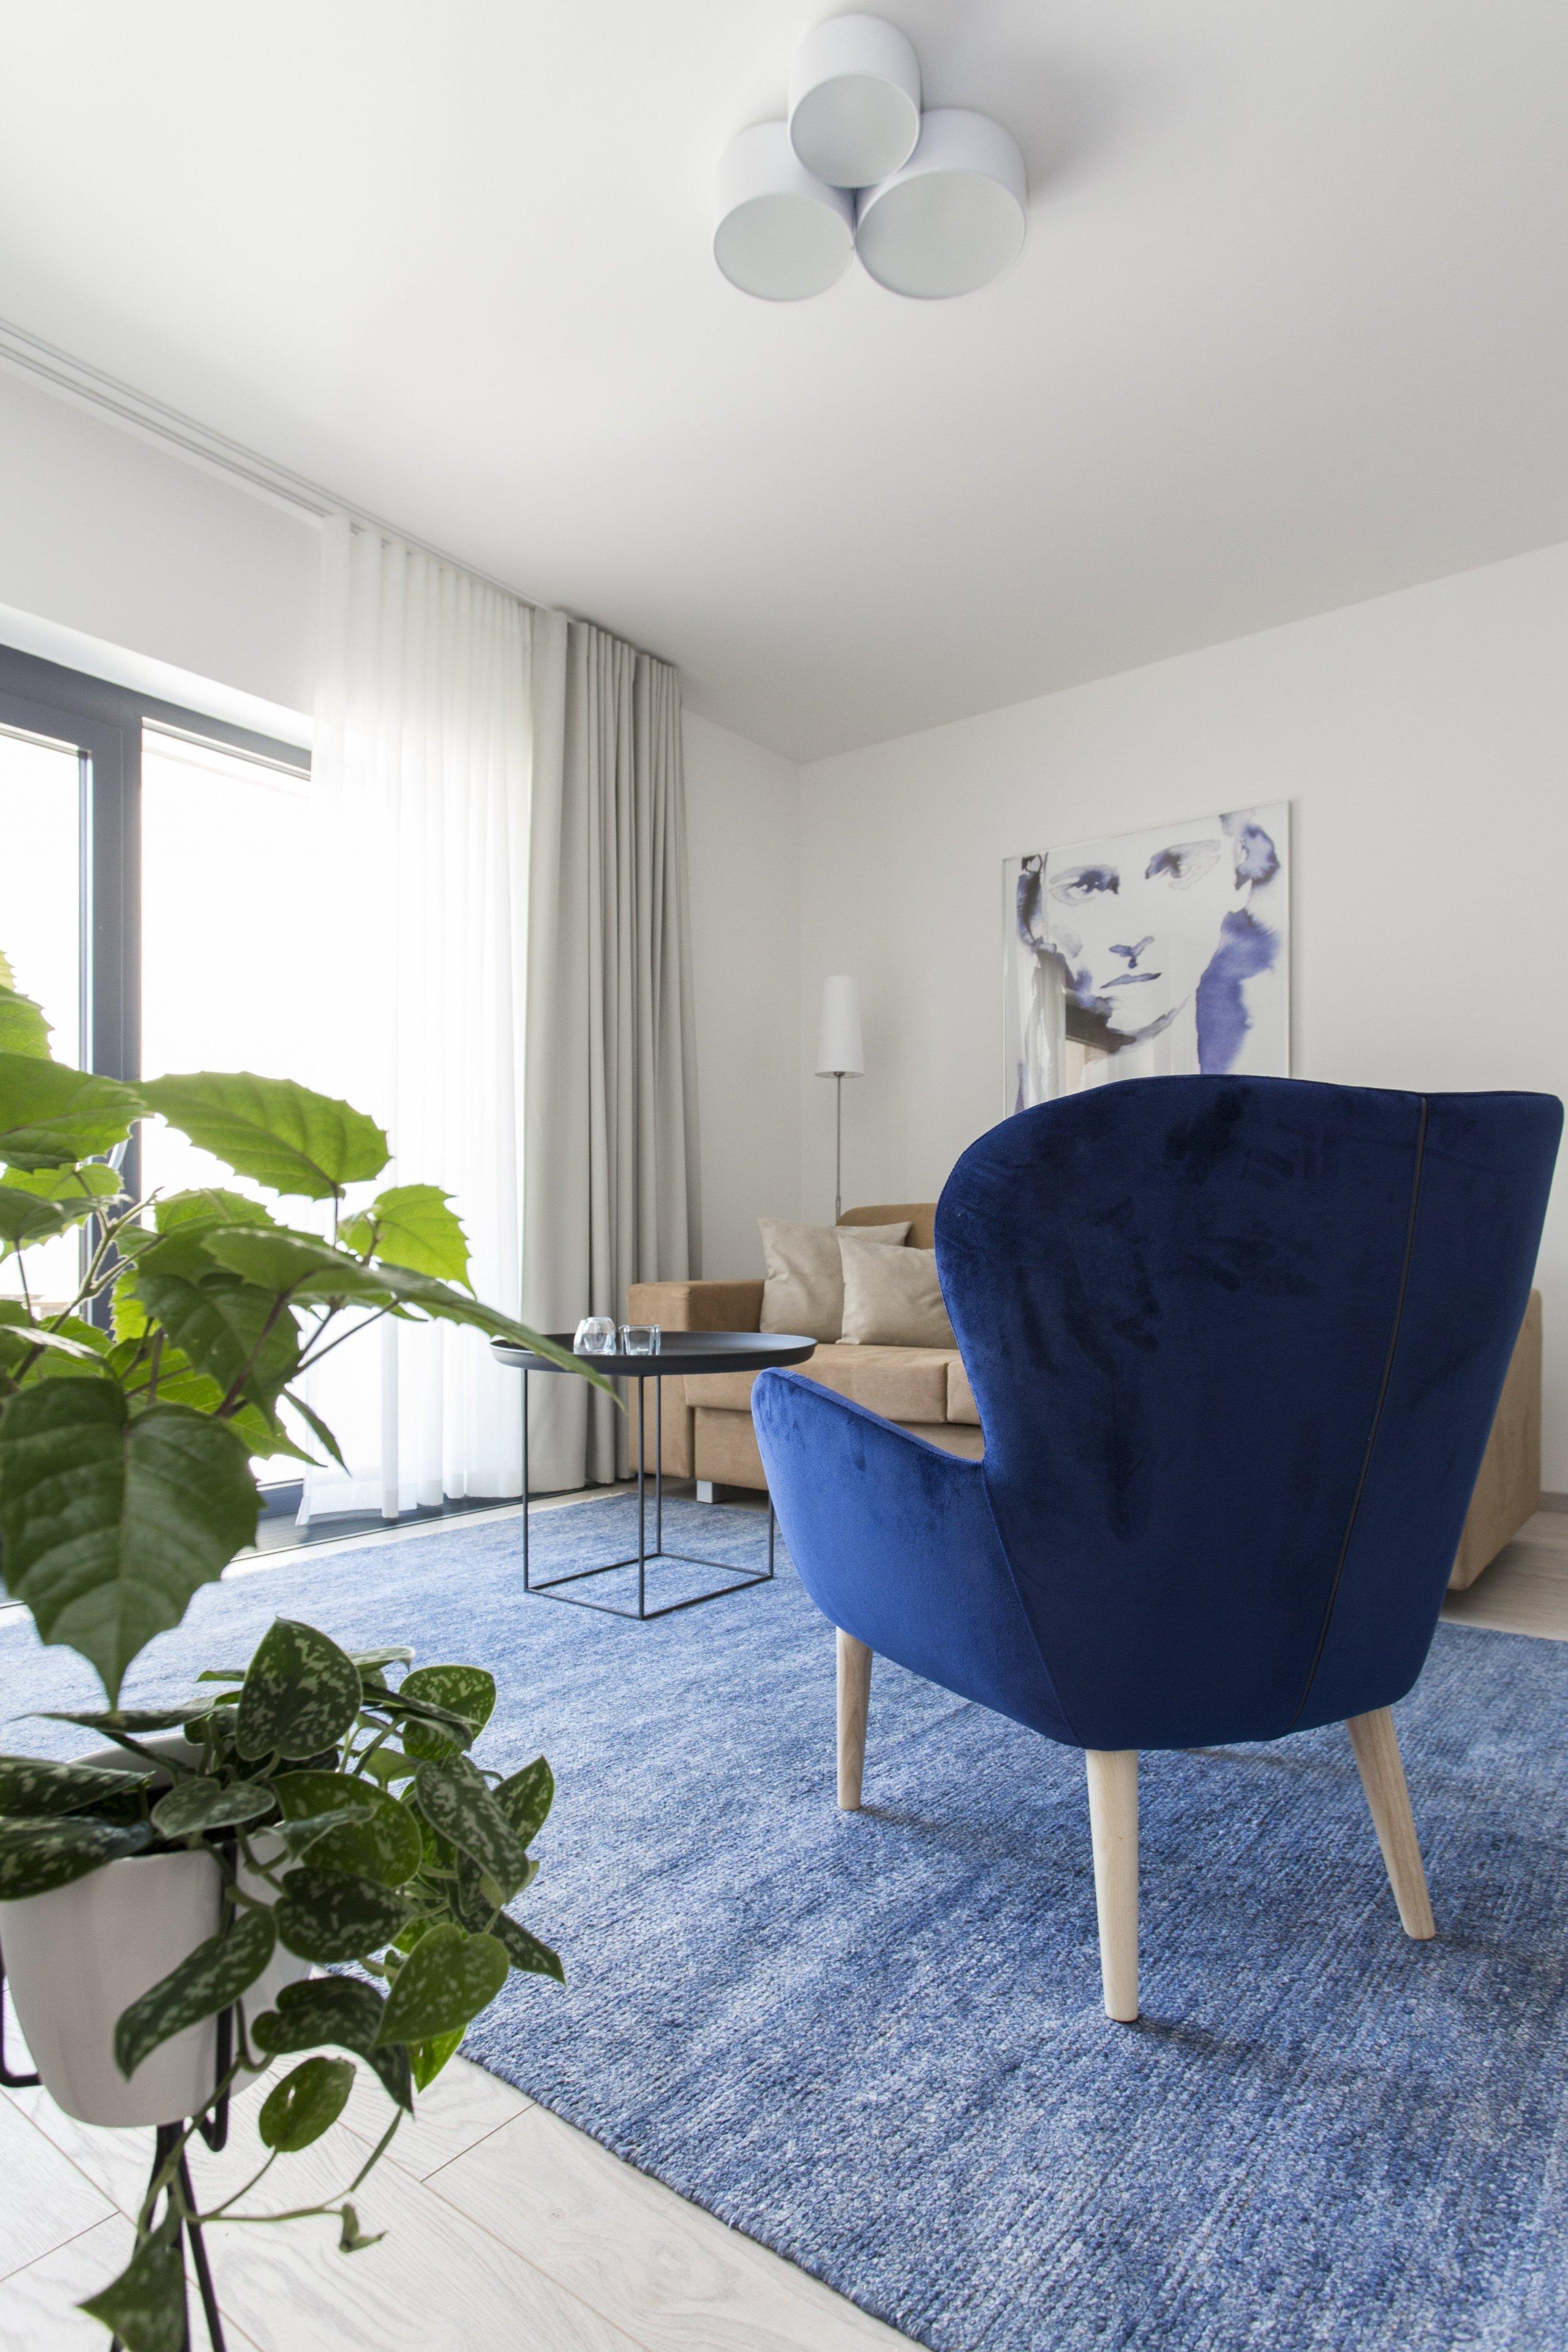 Cibulák se stal hlavním dekoračním prvkem bytu 2+kk v Karlíně, dnes jedné z nejpopulárnějších čtvrtí Prahy. Tento známý vzor porcelánu příjemně doplňuje…